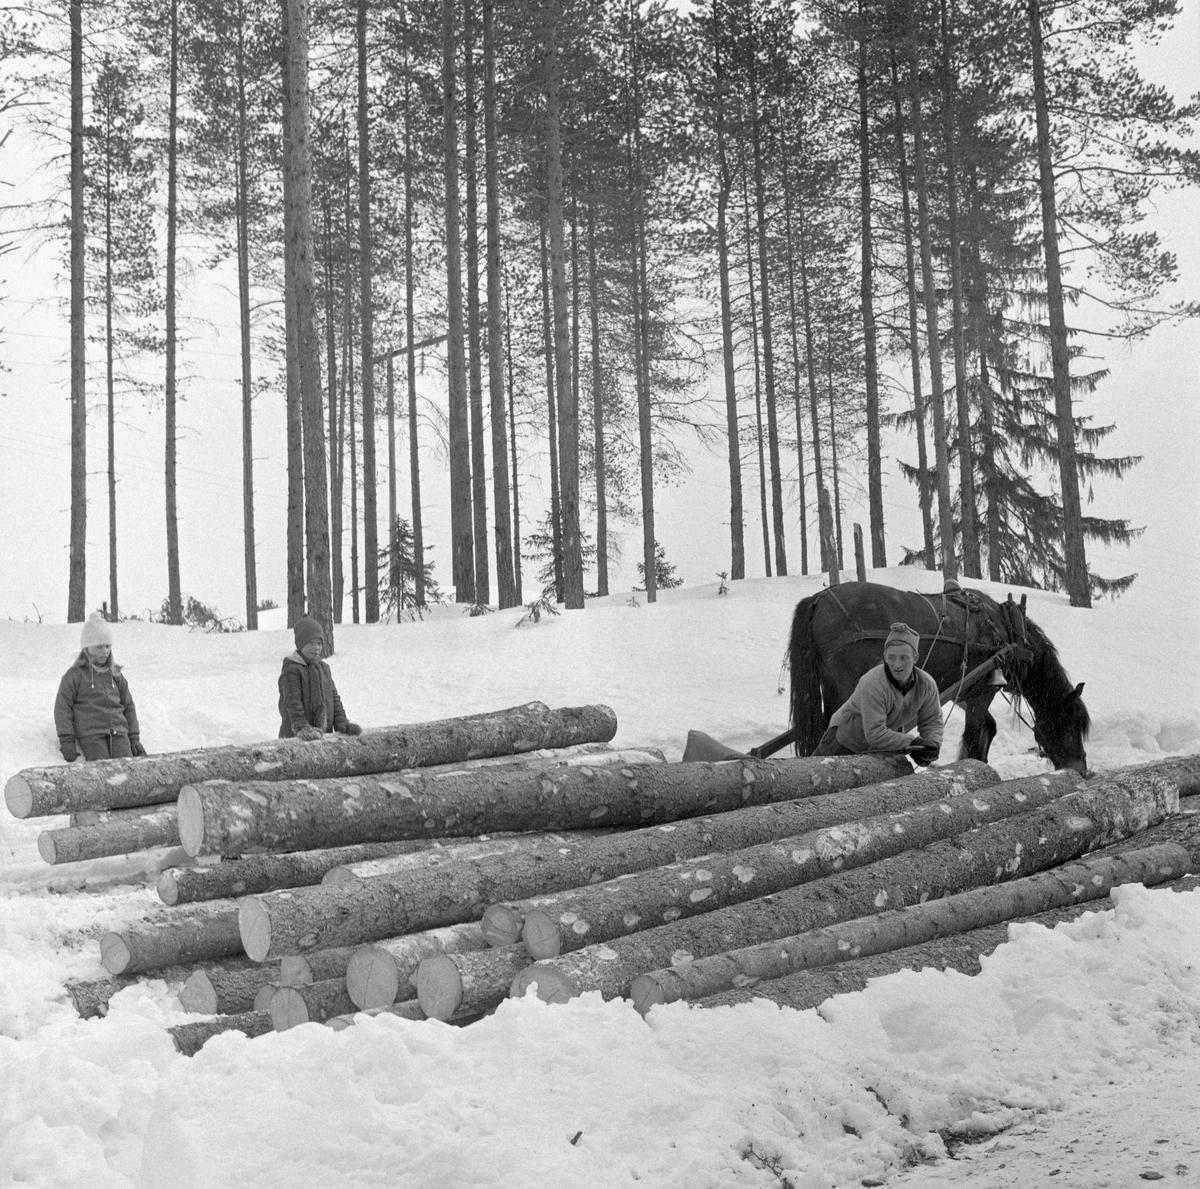 Tømmerkjøring med rede hos Per O. Løvberg og sønn. Kjøringen foregikk i nærheten av Nybergsund, Trysil, Hedmark.